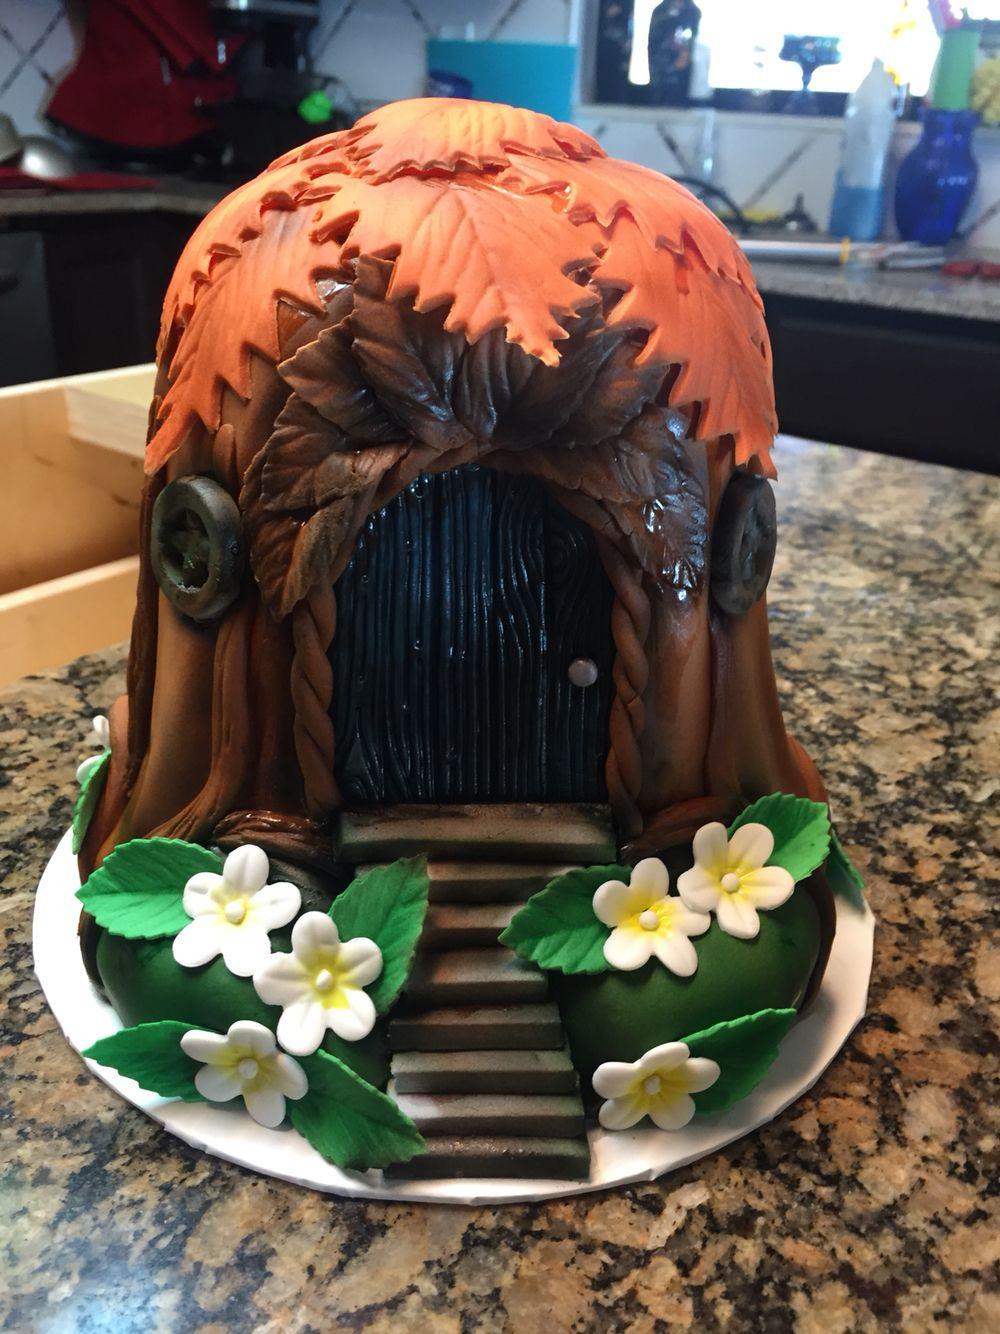 Treehouse cake Tree house, Hats, Hobby